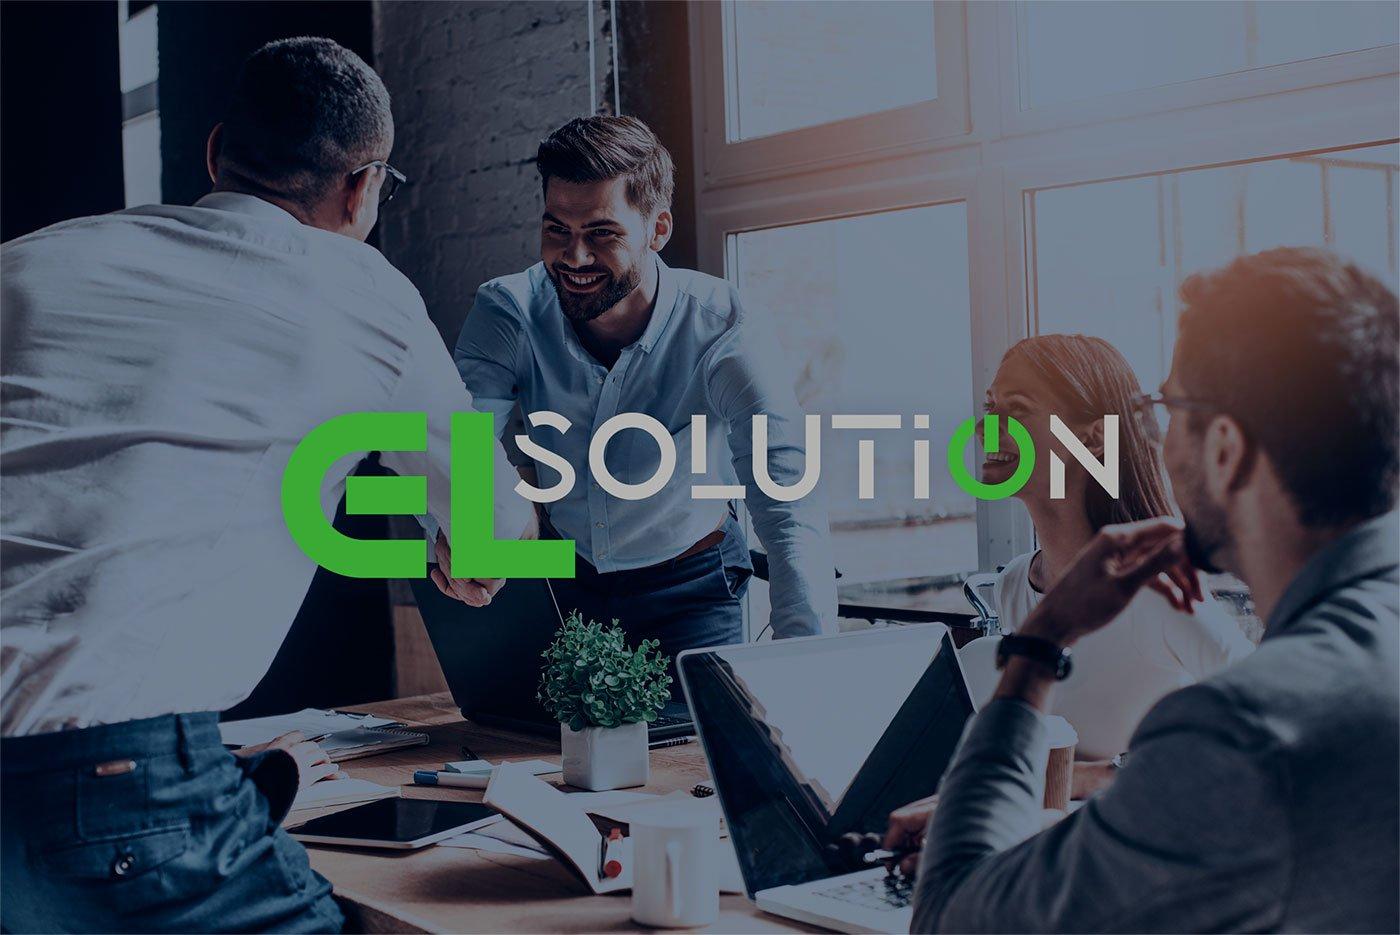 el-solution-backdrop2